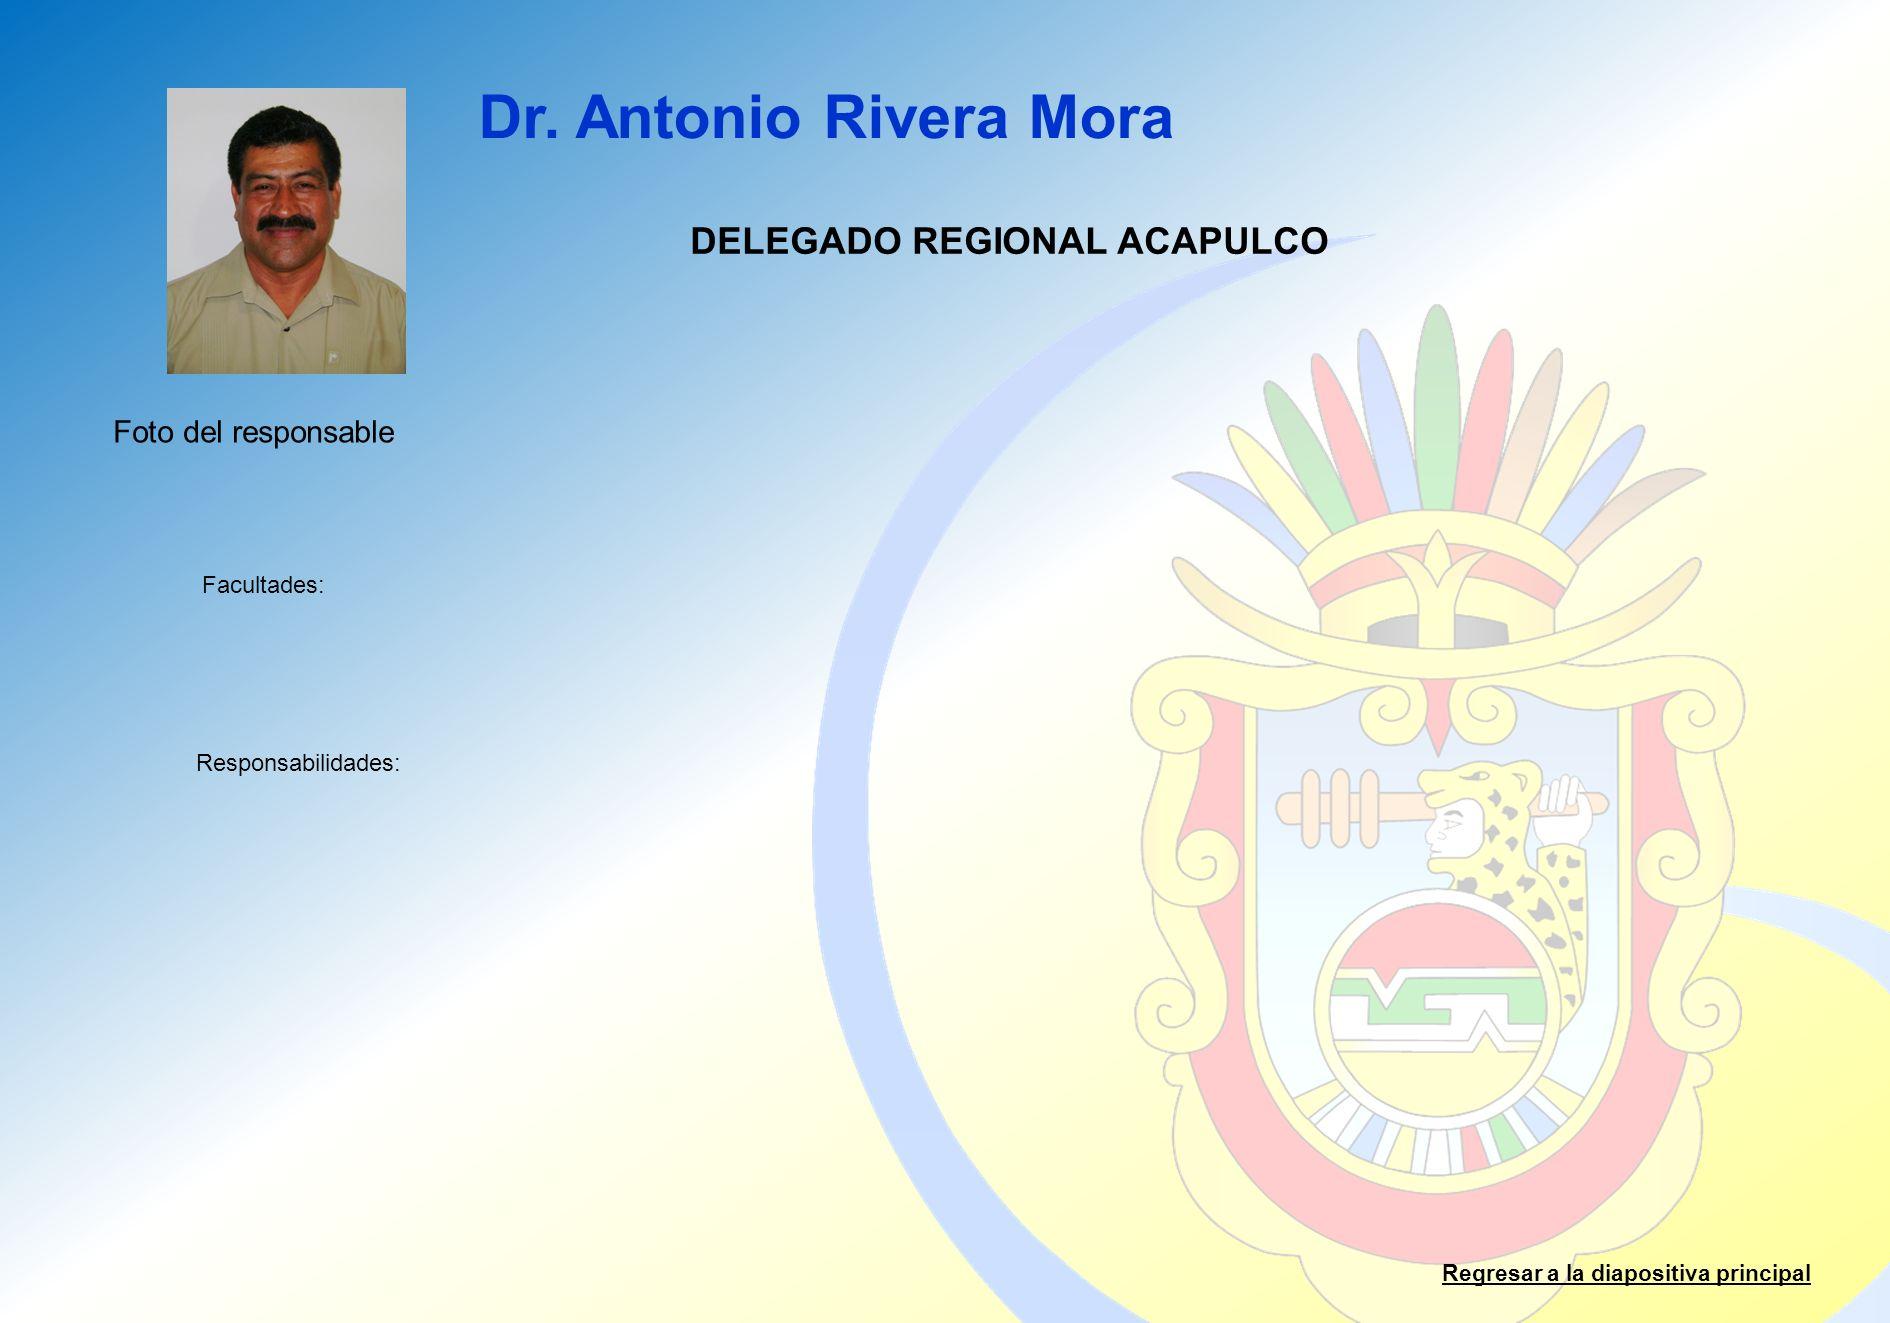 DELEGADO REGIONAL ACAPULCO